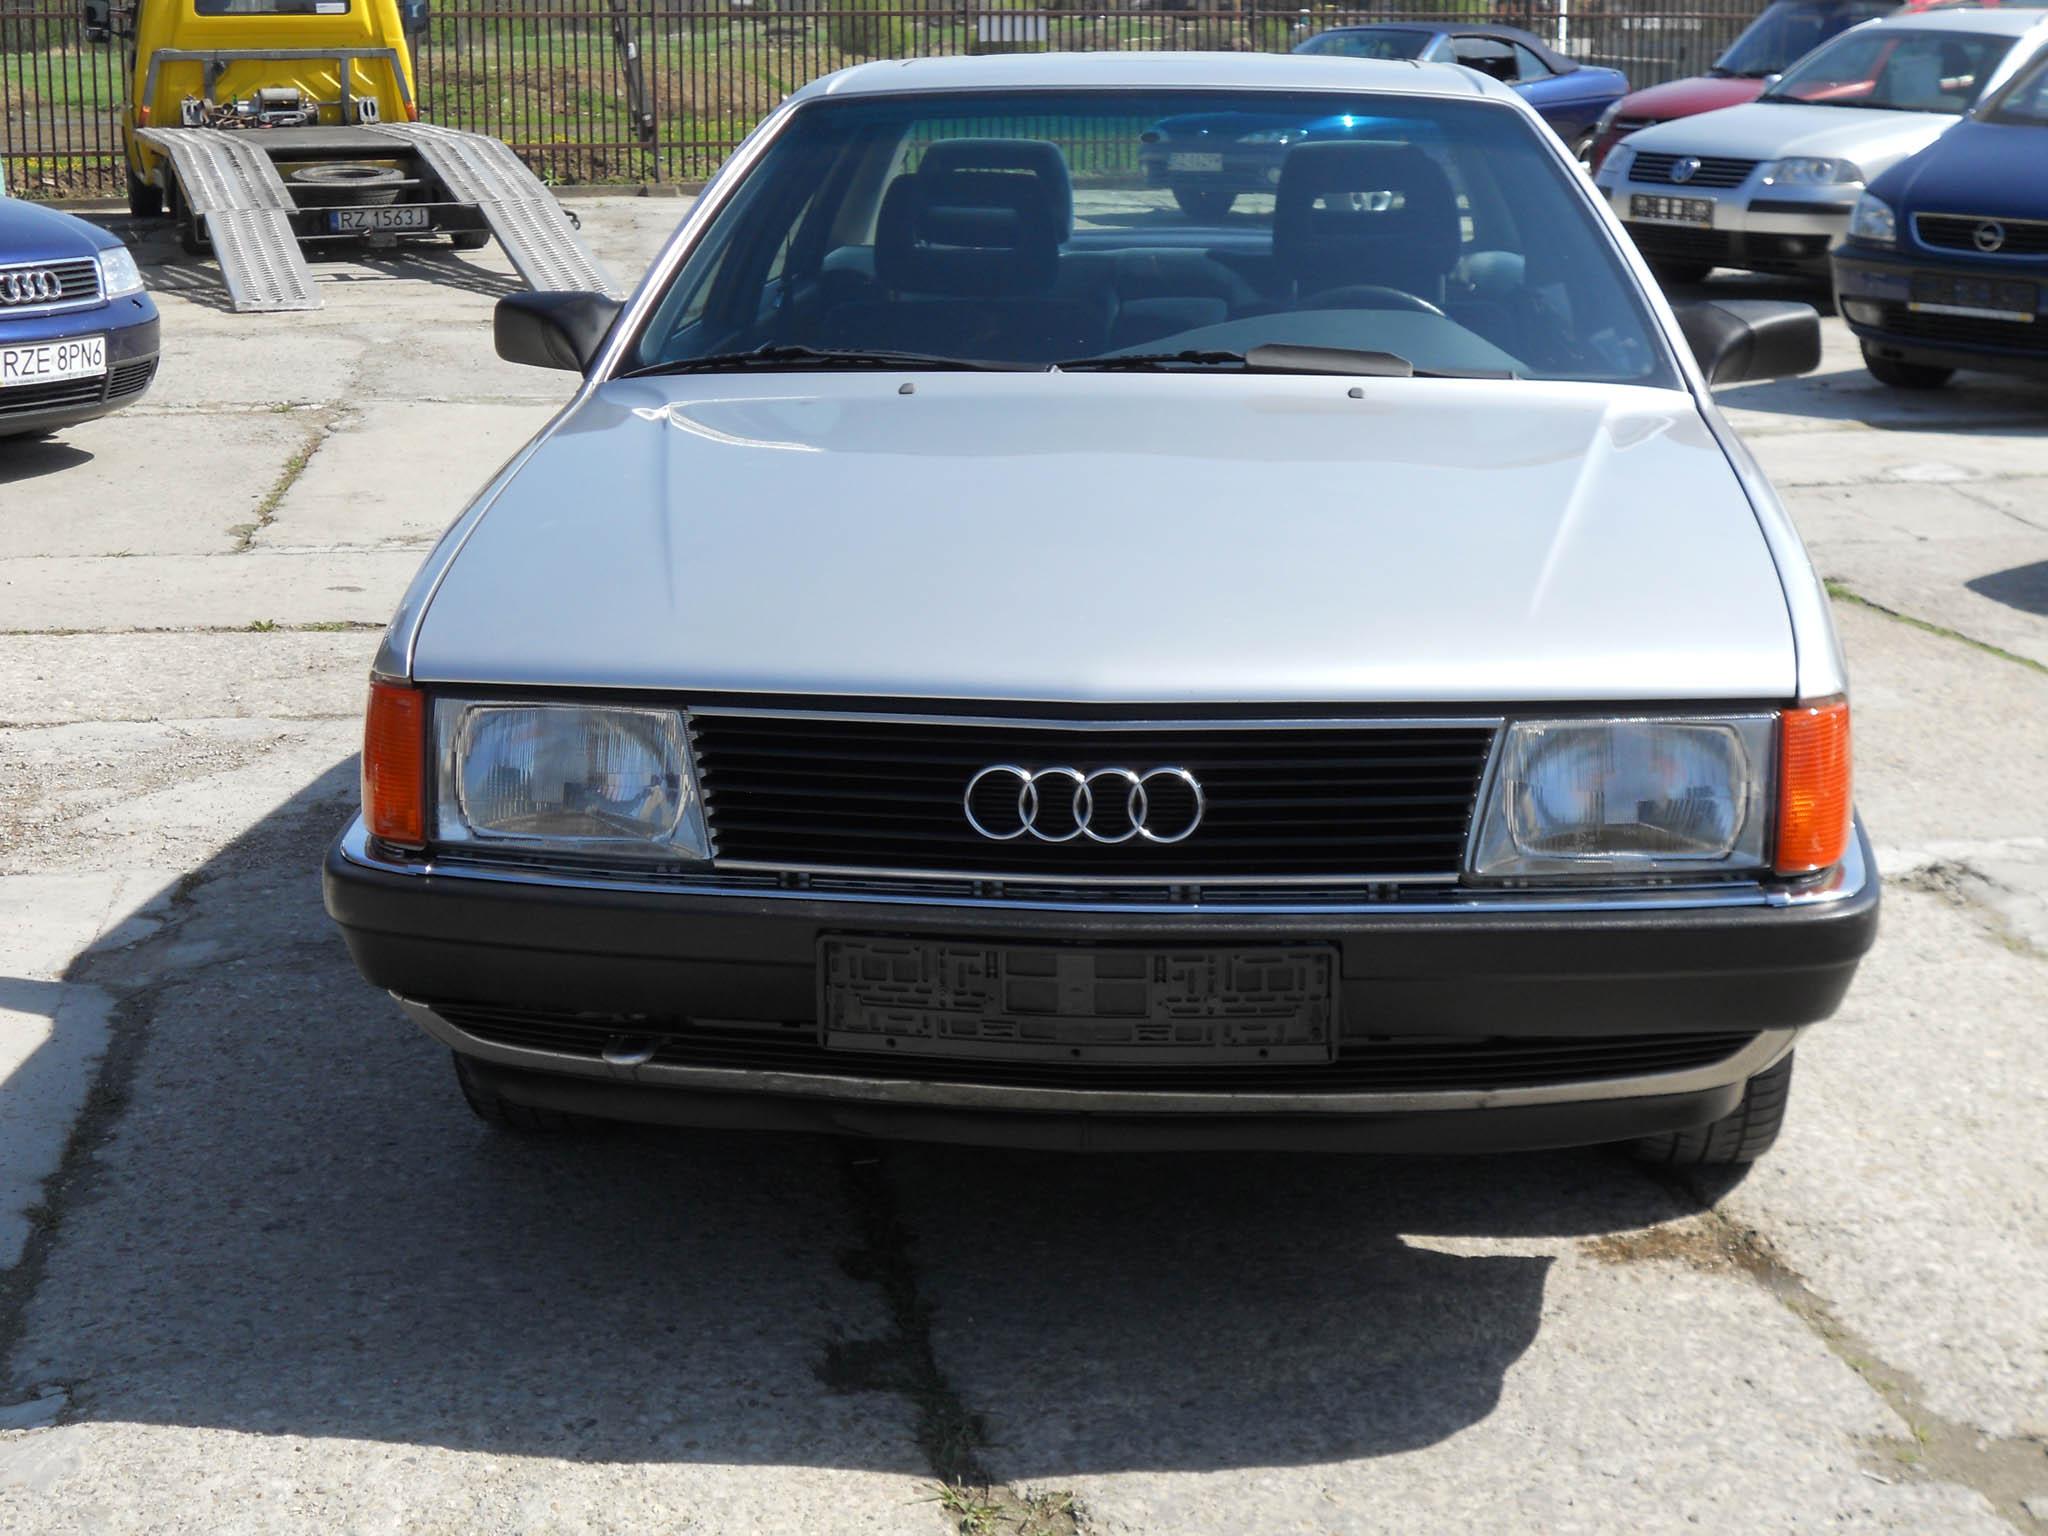 Audi 100 C3 1990 - SPRZEDANE - Giełda klasyków